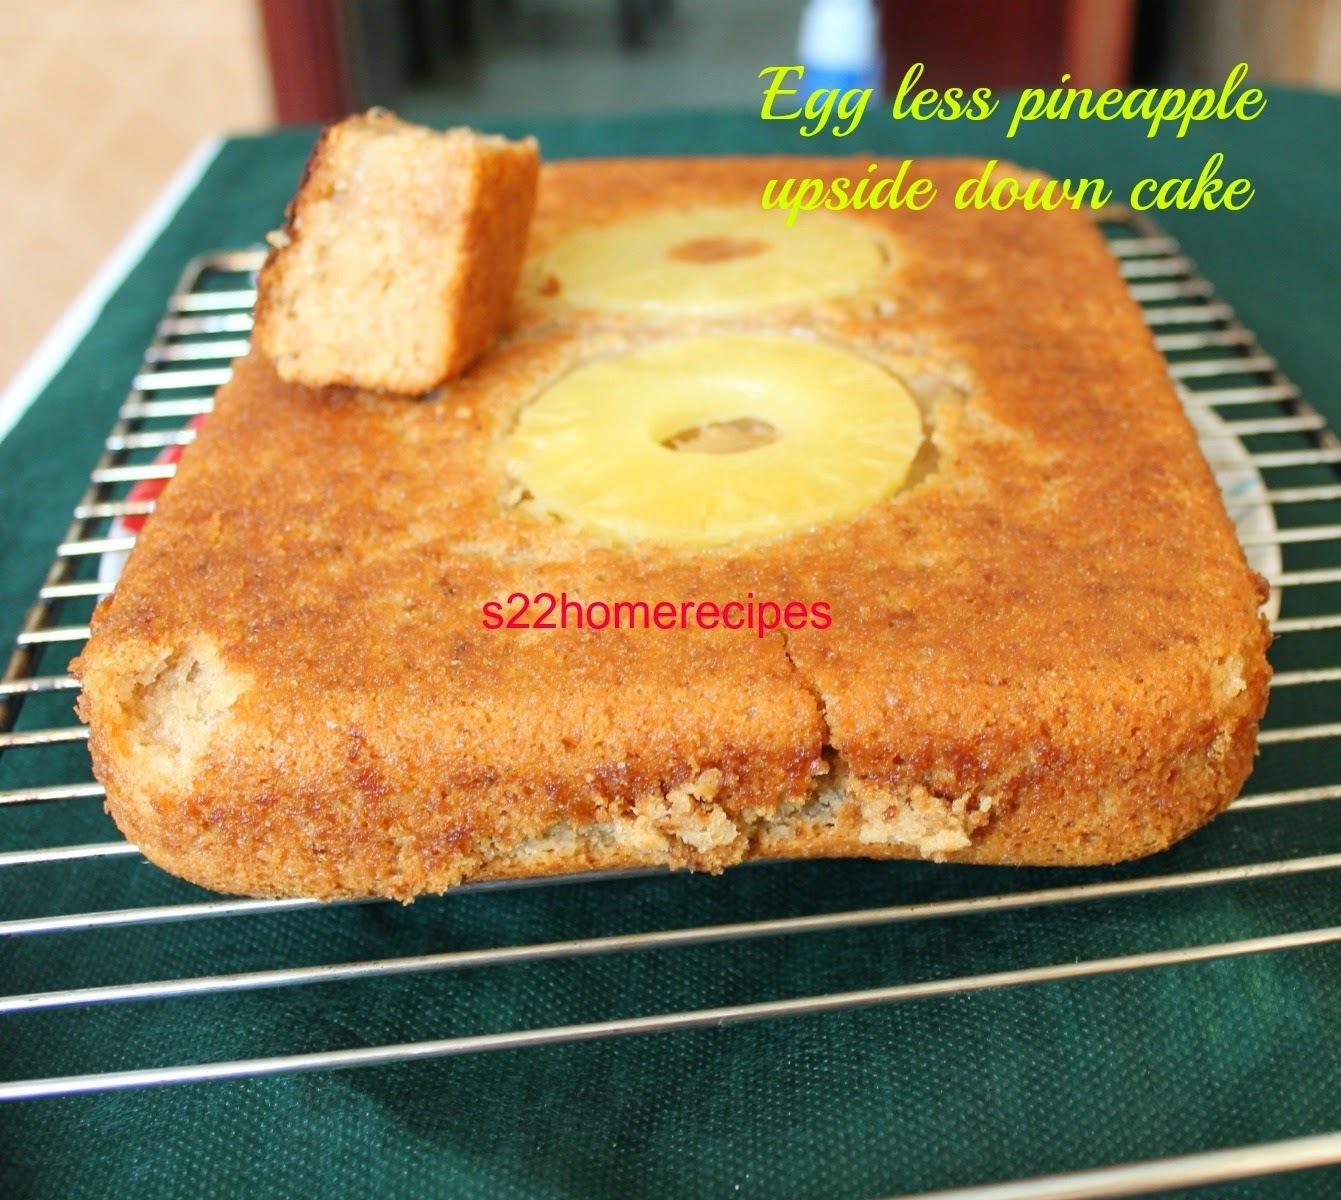 Egg less pineapple upside down cake